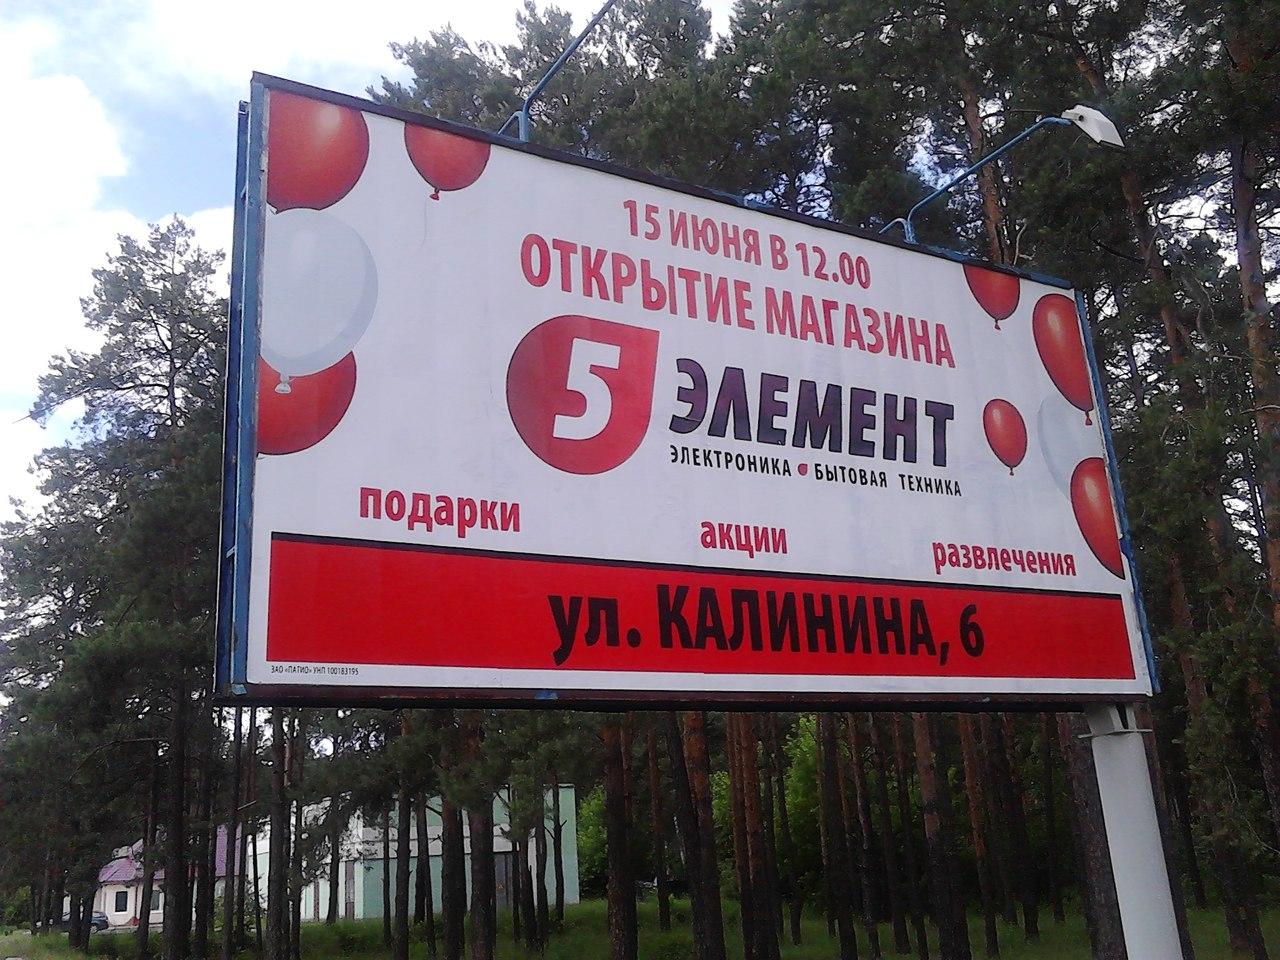 Реклама об открытии